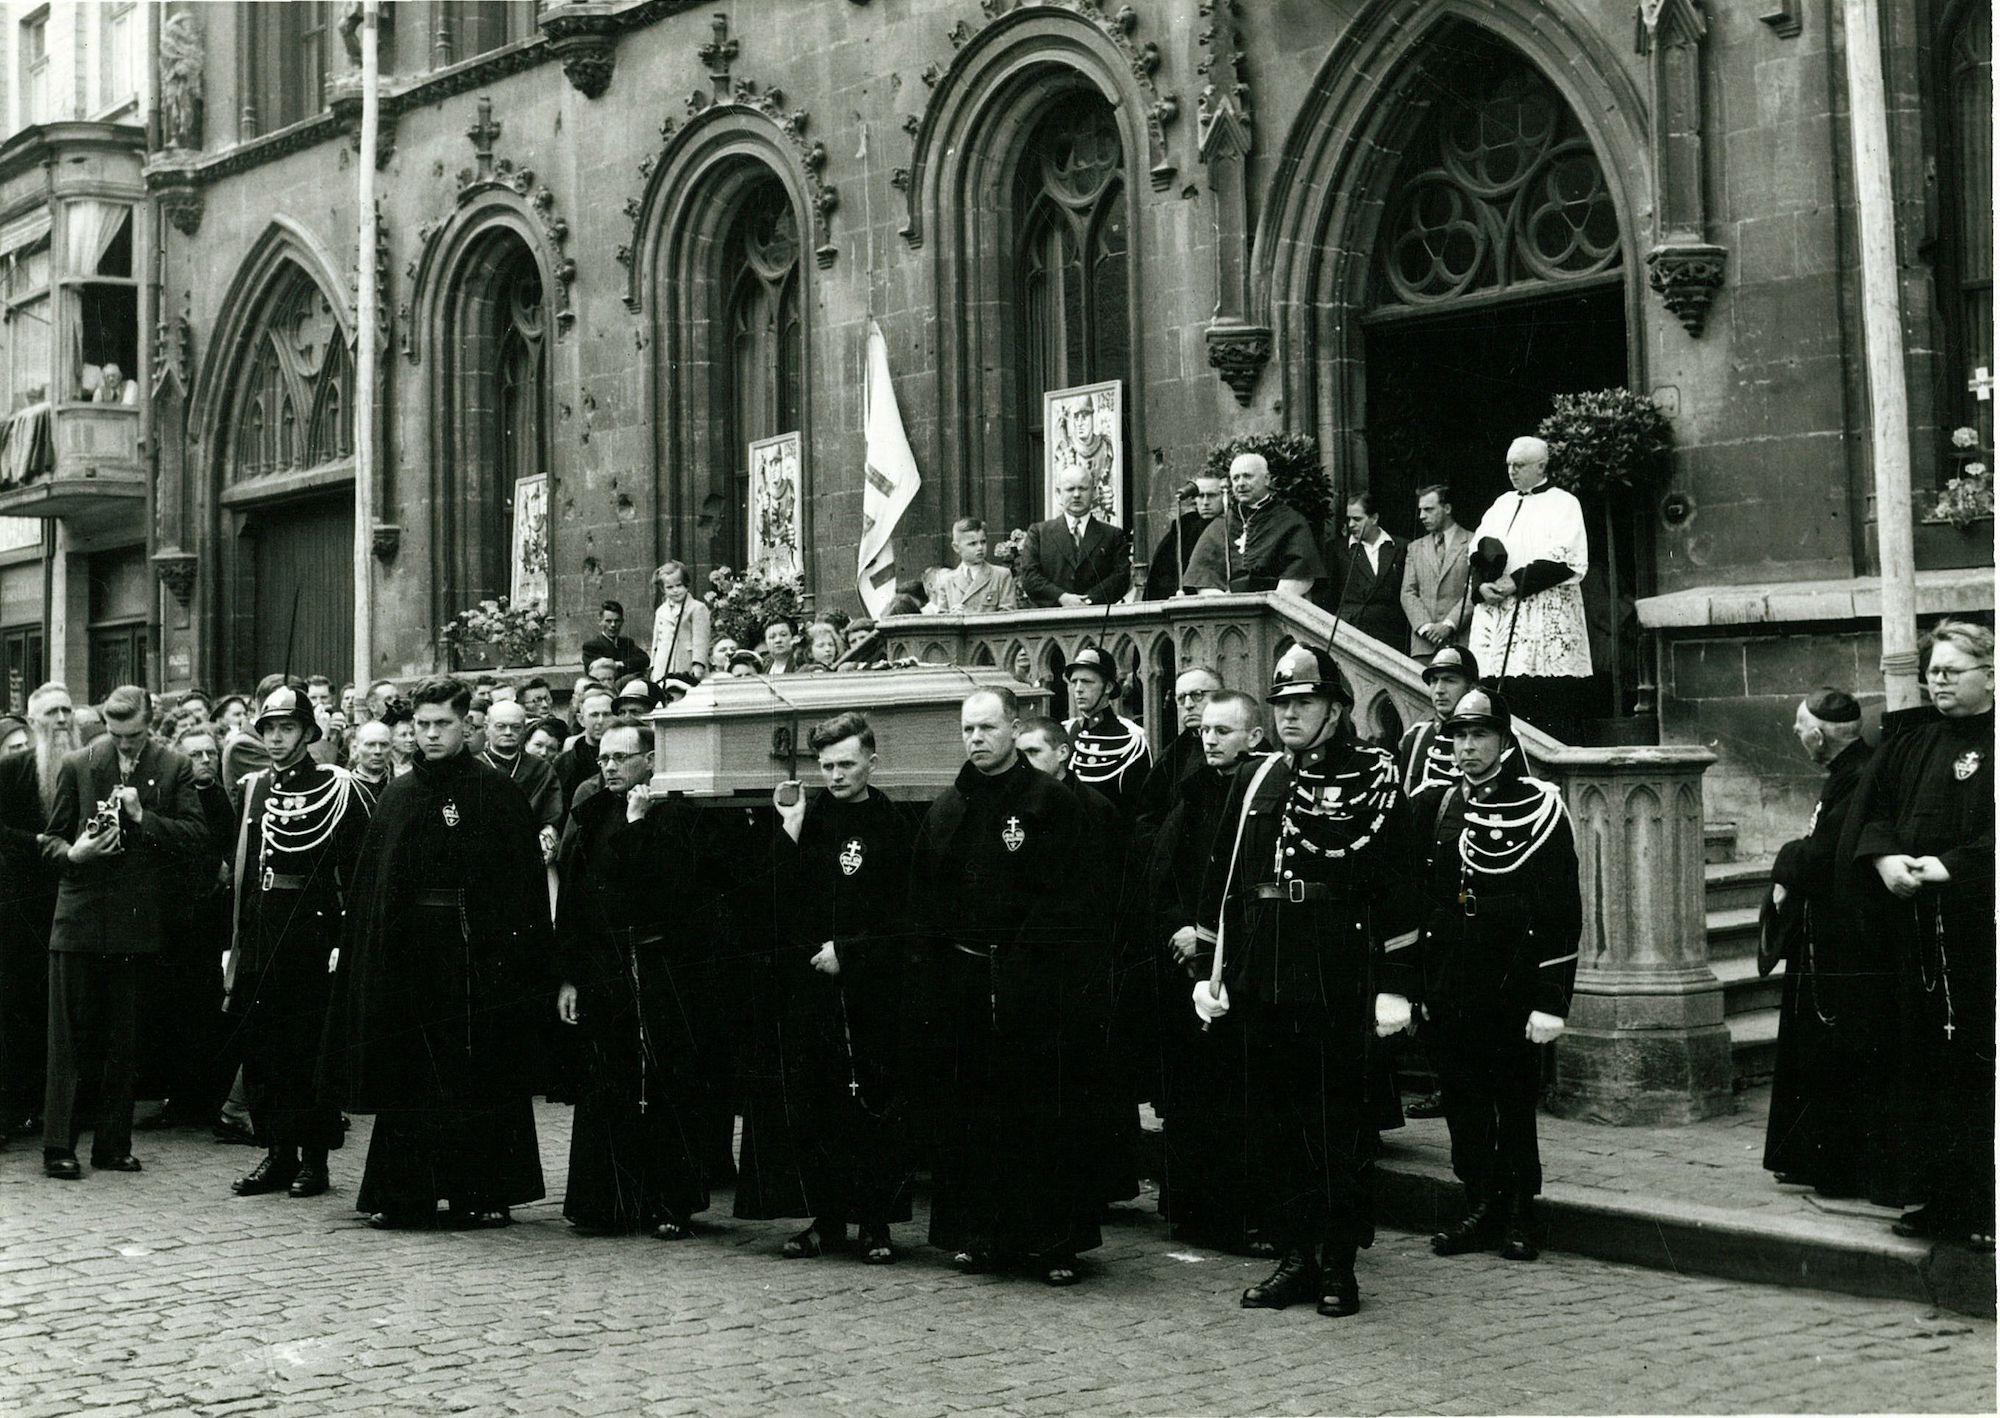 Huldiging van Broeder Isidoor aan het Stadhuis 1952